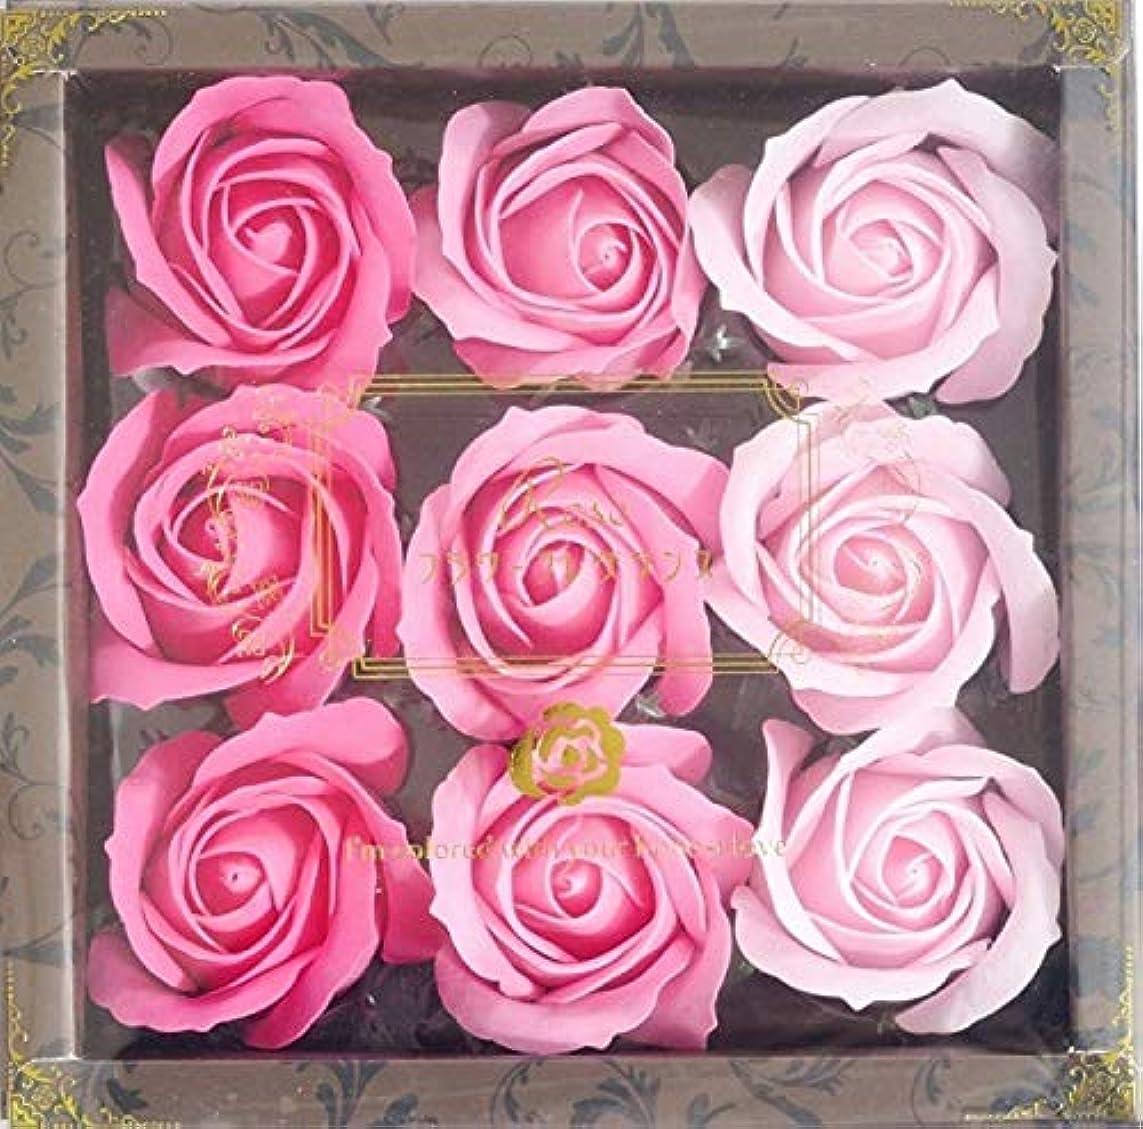 リスナー混雑ボイコットバスフレグランス バスフラワー ローズフレグランス ピンクカラー お花の形の入浴剤 プレゼント ばら ギフト